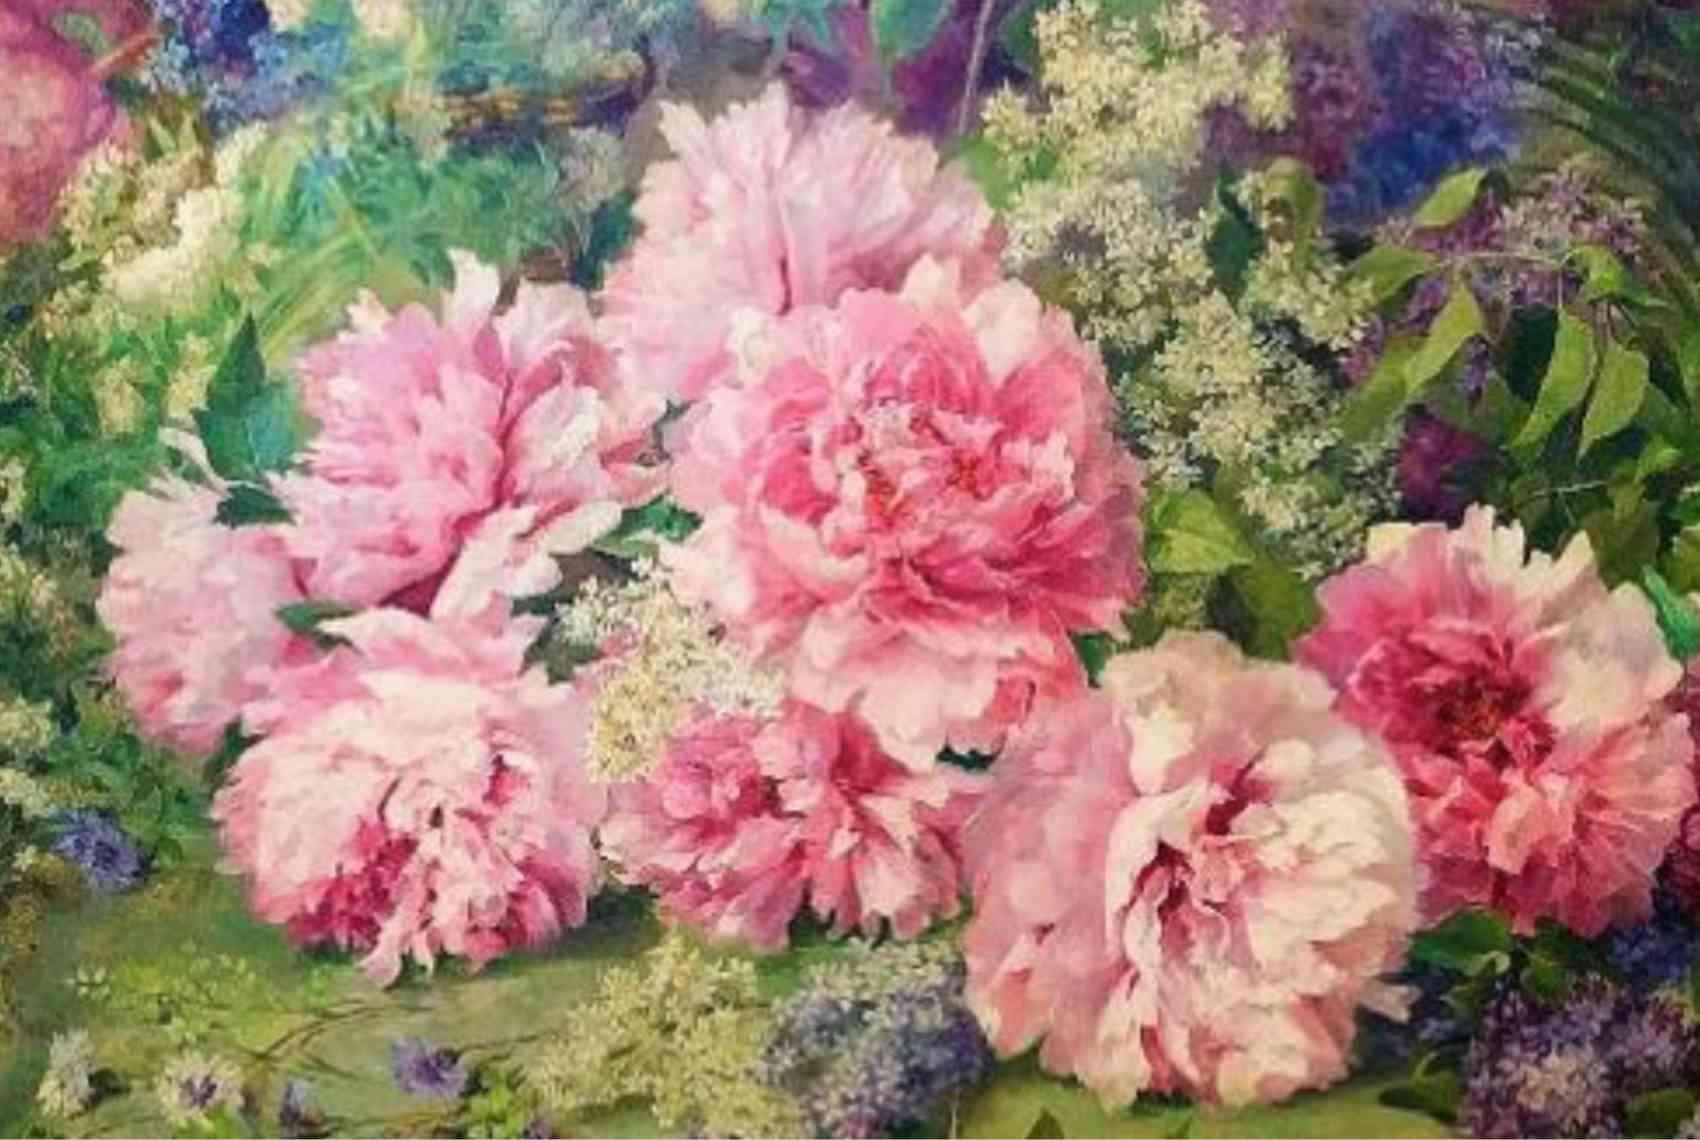 Quan les dones havien de pintar flors, pintores pioneres de la Sala Parés